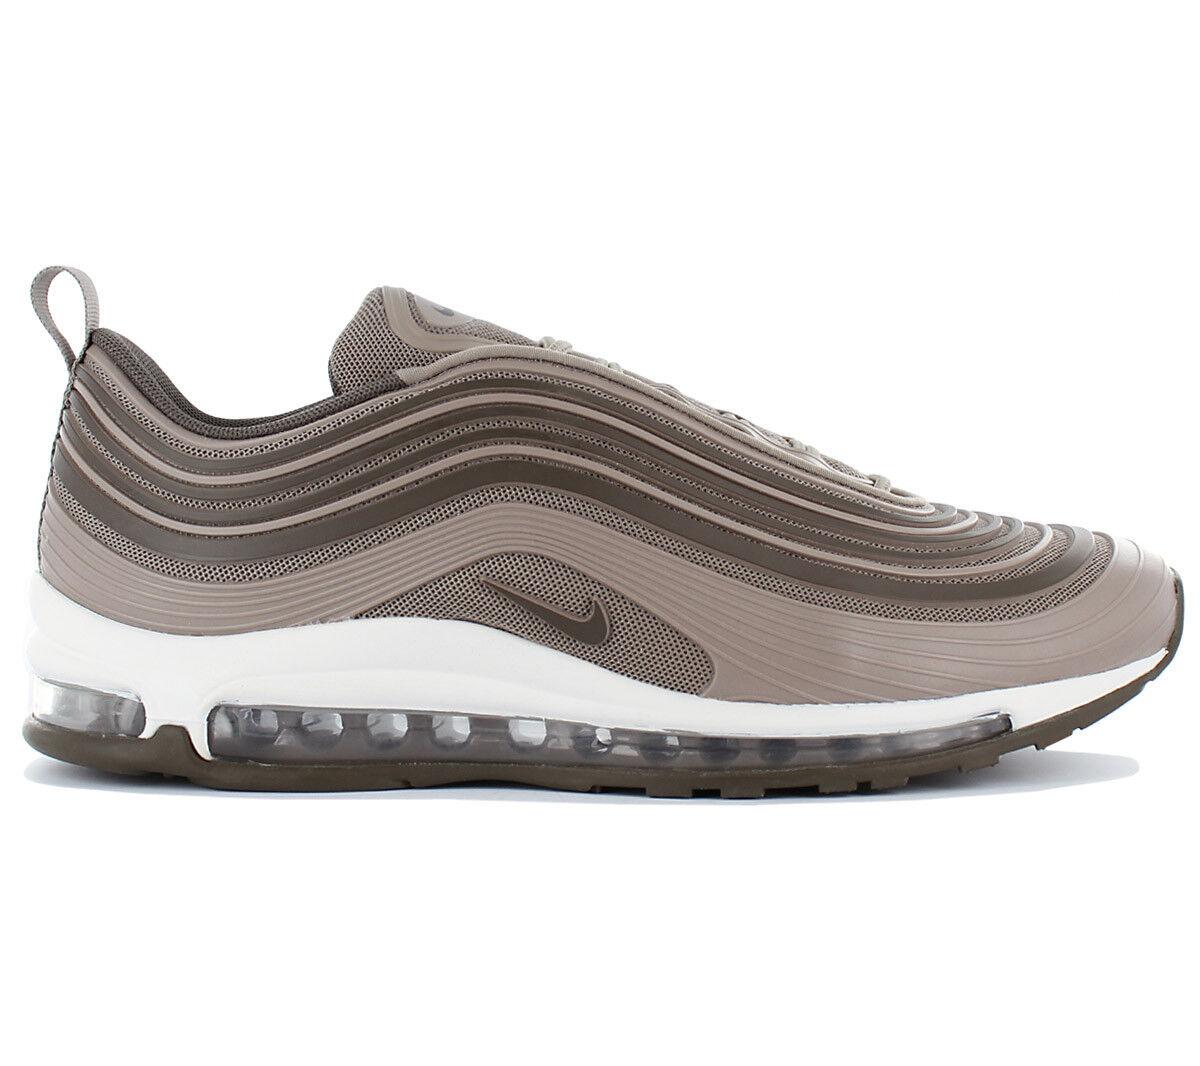 Nike air max 97 ul 17 ultra premium uomini scarpe scarpe scarpe di scarpe sepia stone ah7581 200 | Grande Svendita  | Uomo/Donne Scarpa  0d5a63